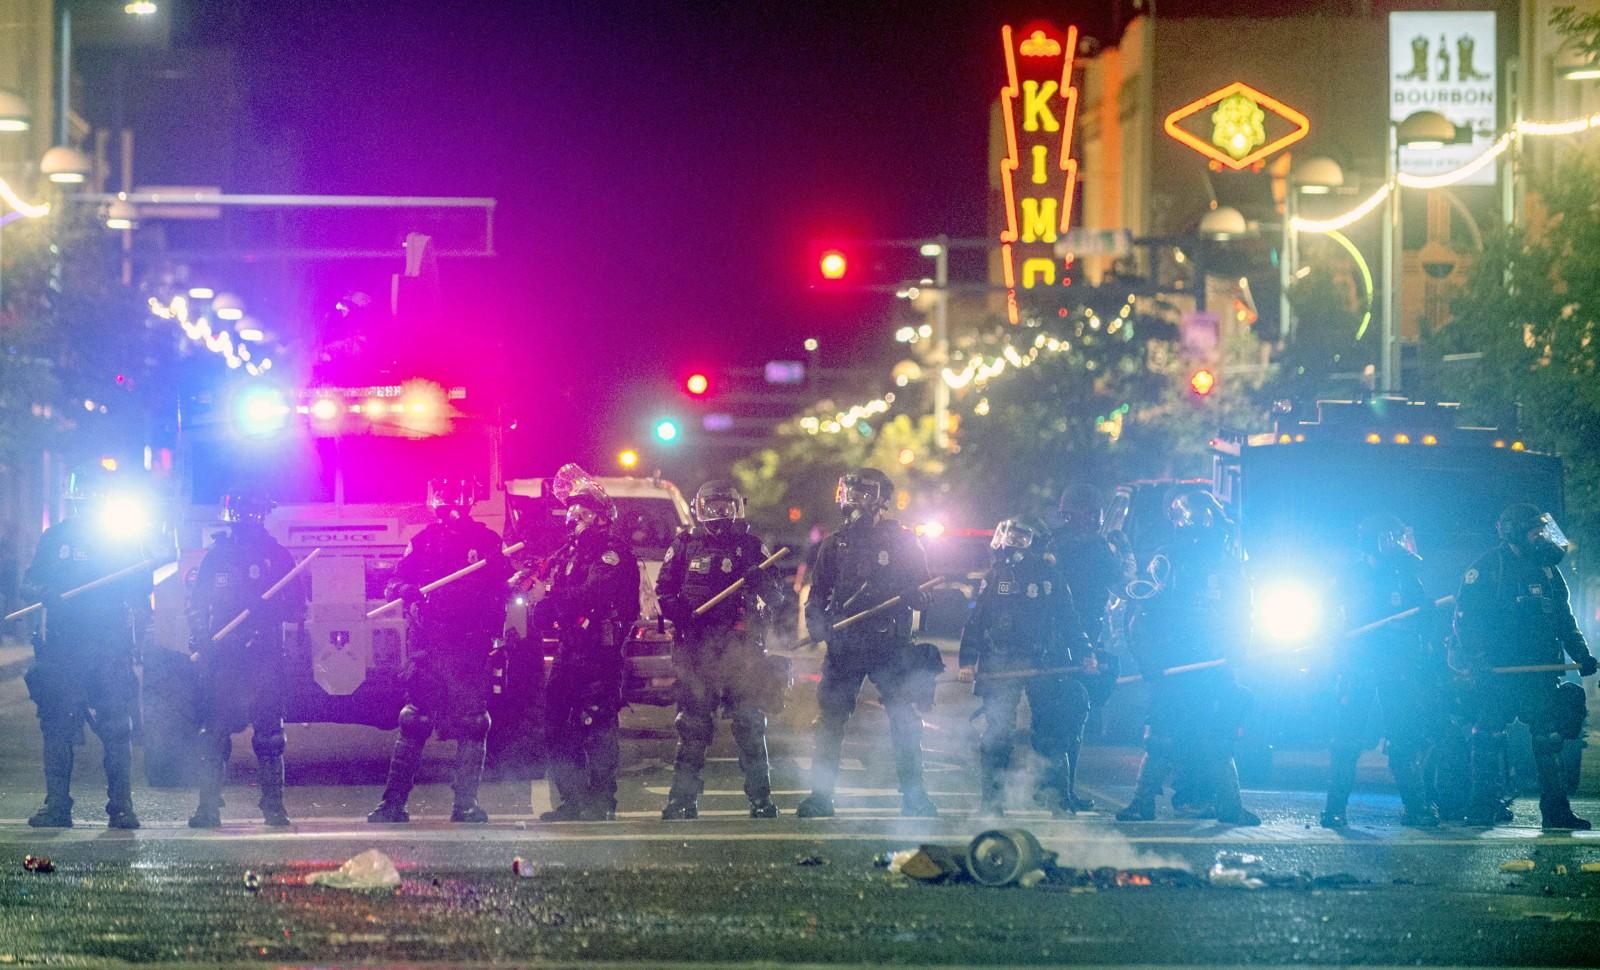 Manifestations en réaction au décès de George Floyd à Albuquerque (Nouveau Mexique), 1er juin 2020. © Anthony Jackson / AP / SIPA